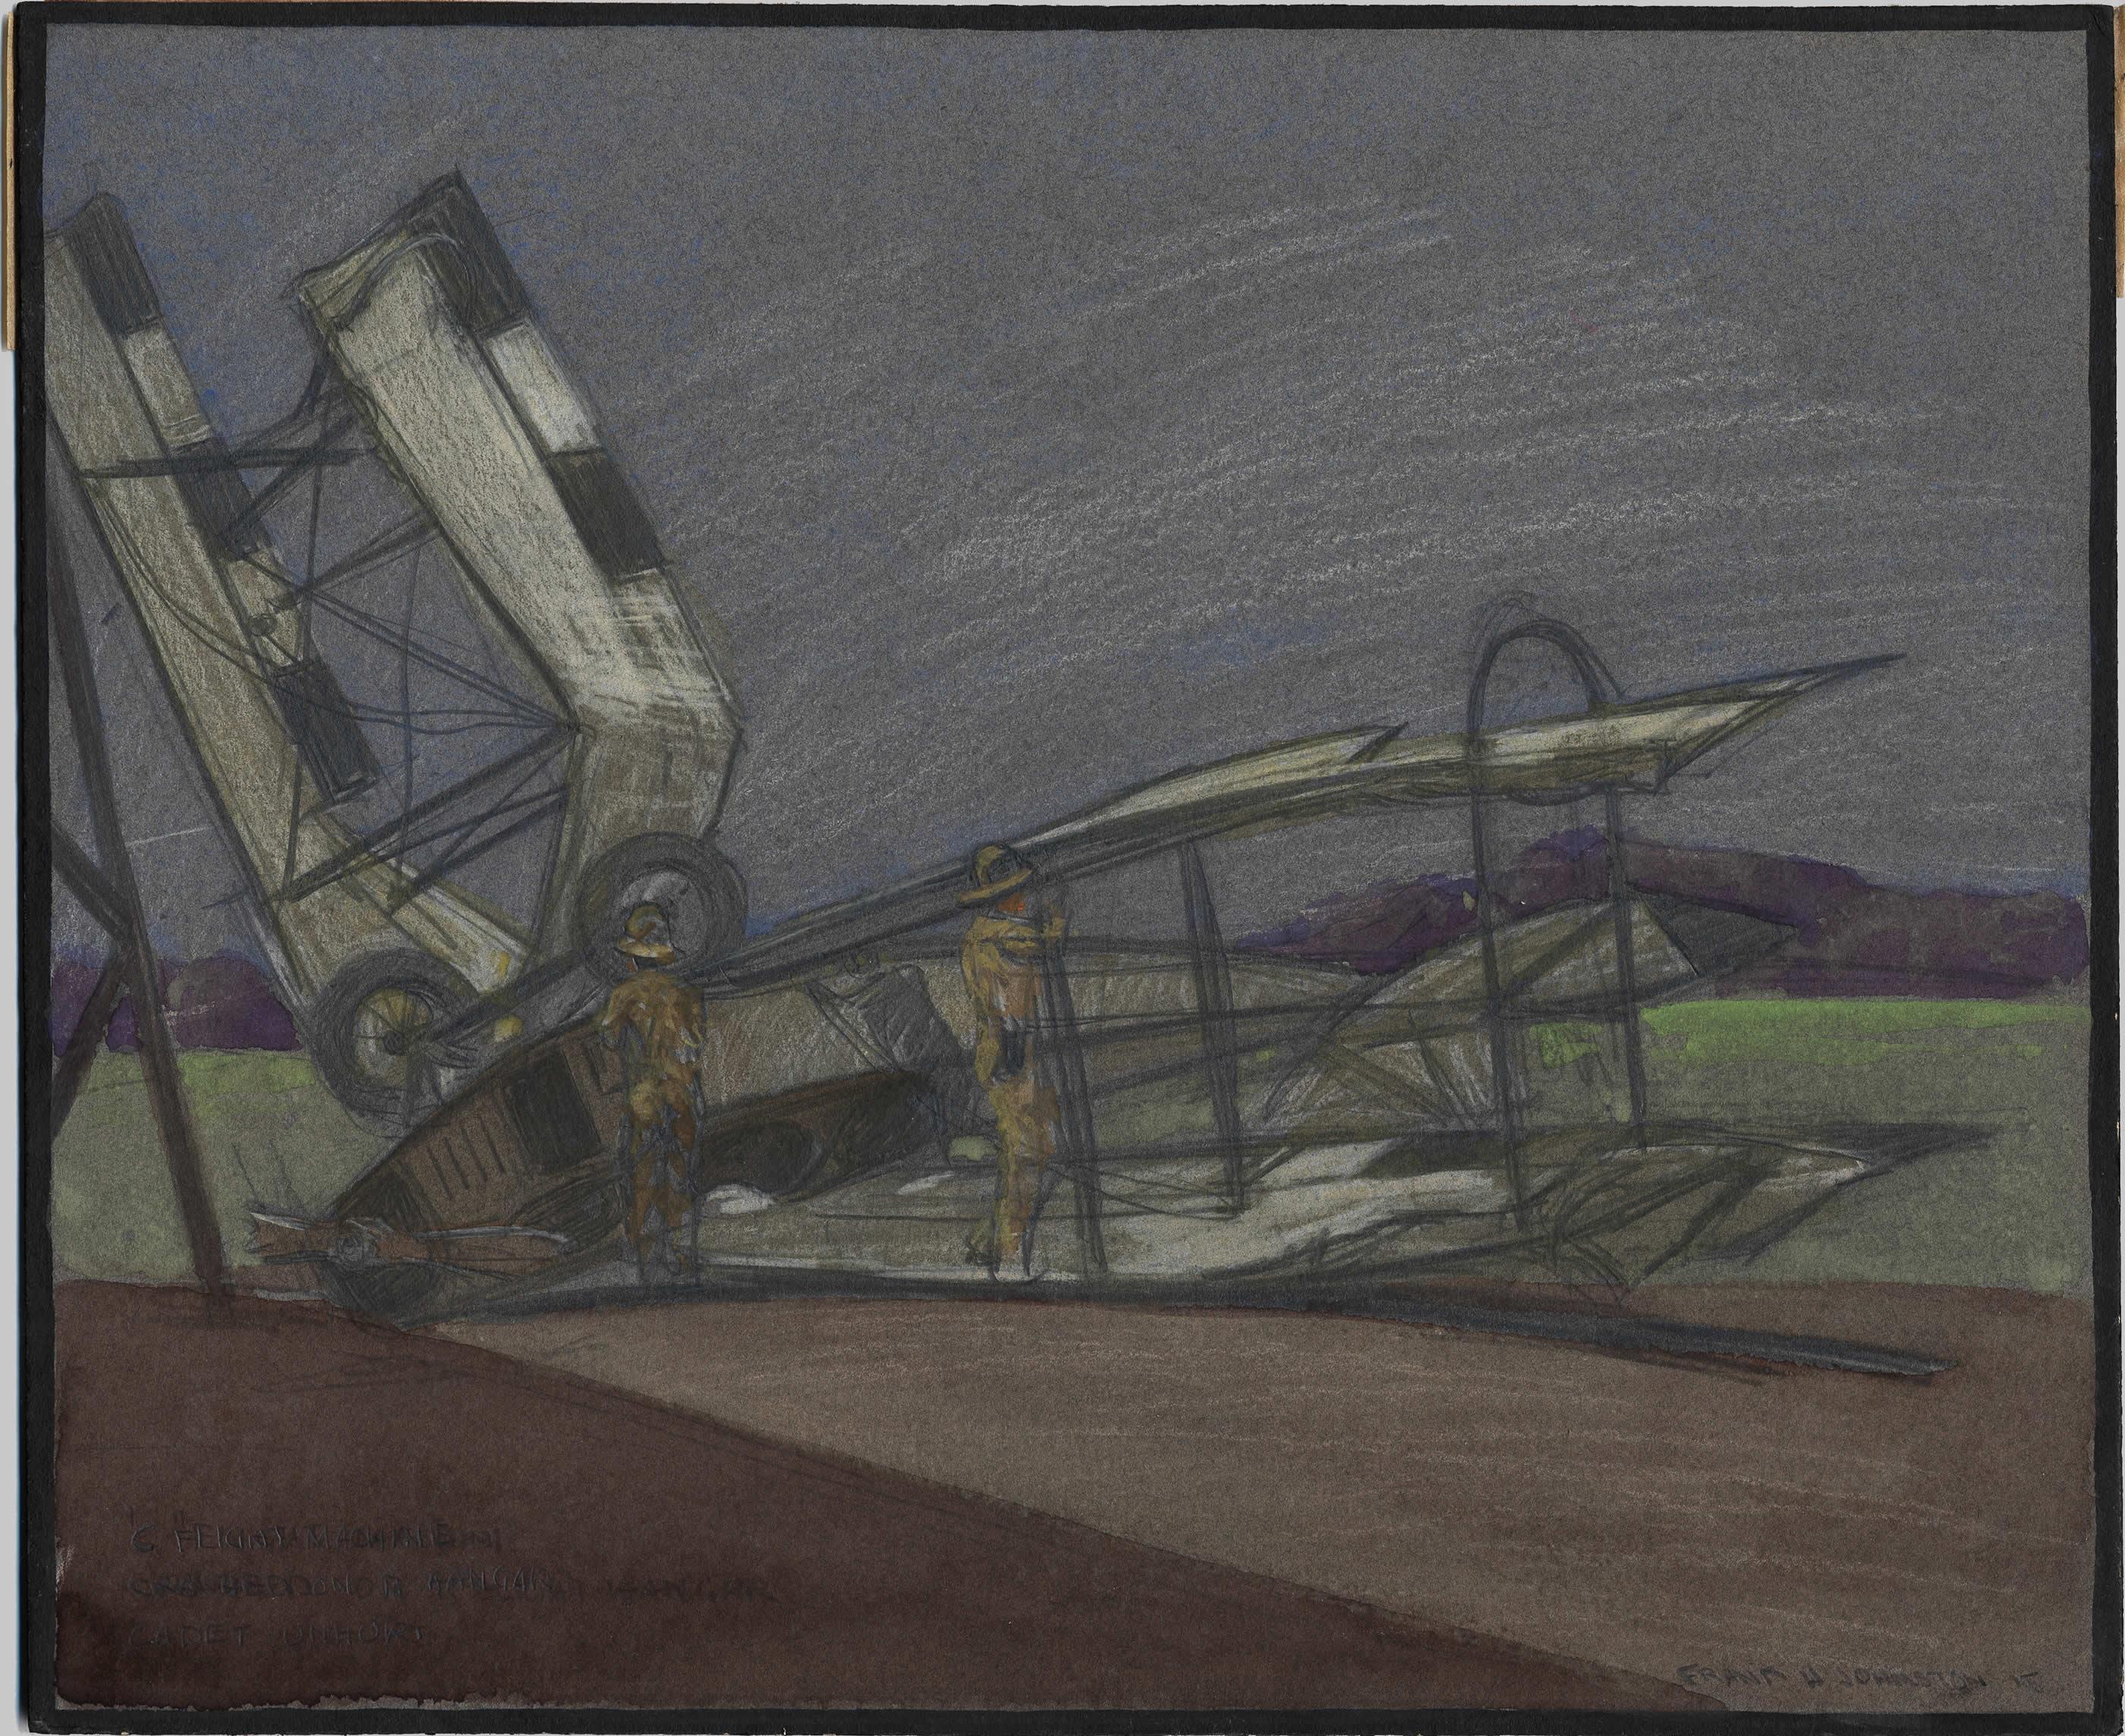 Crashed Curtis JN-4 Aircraft